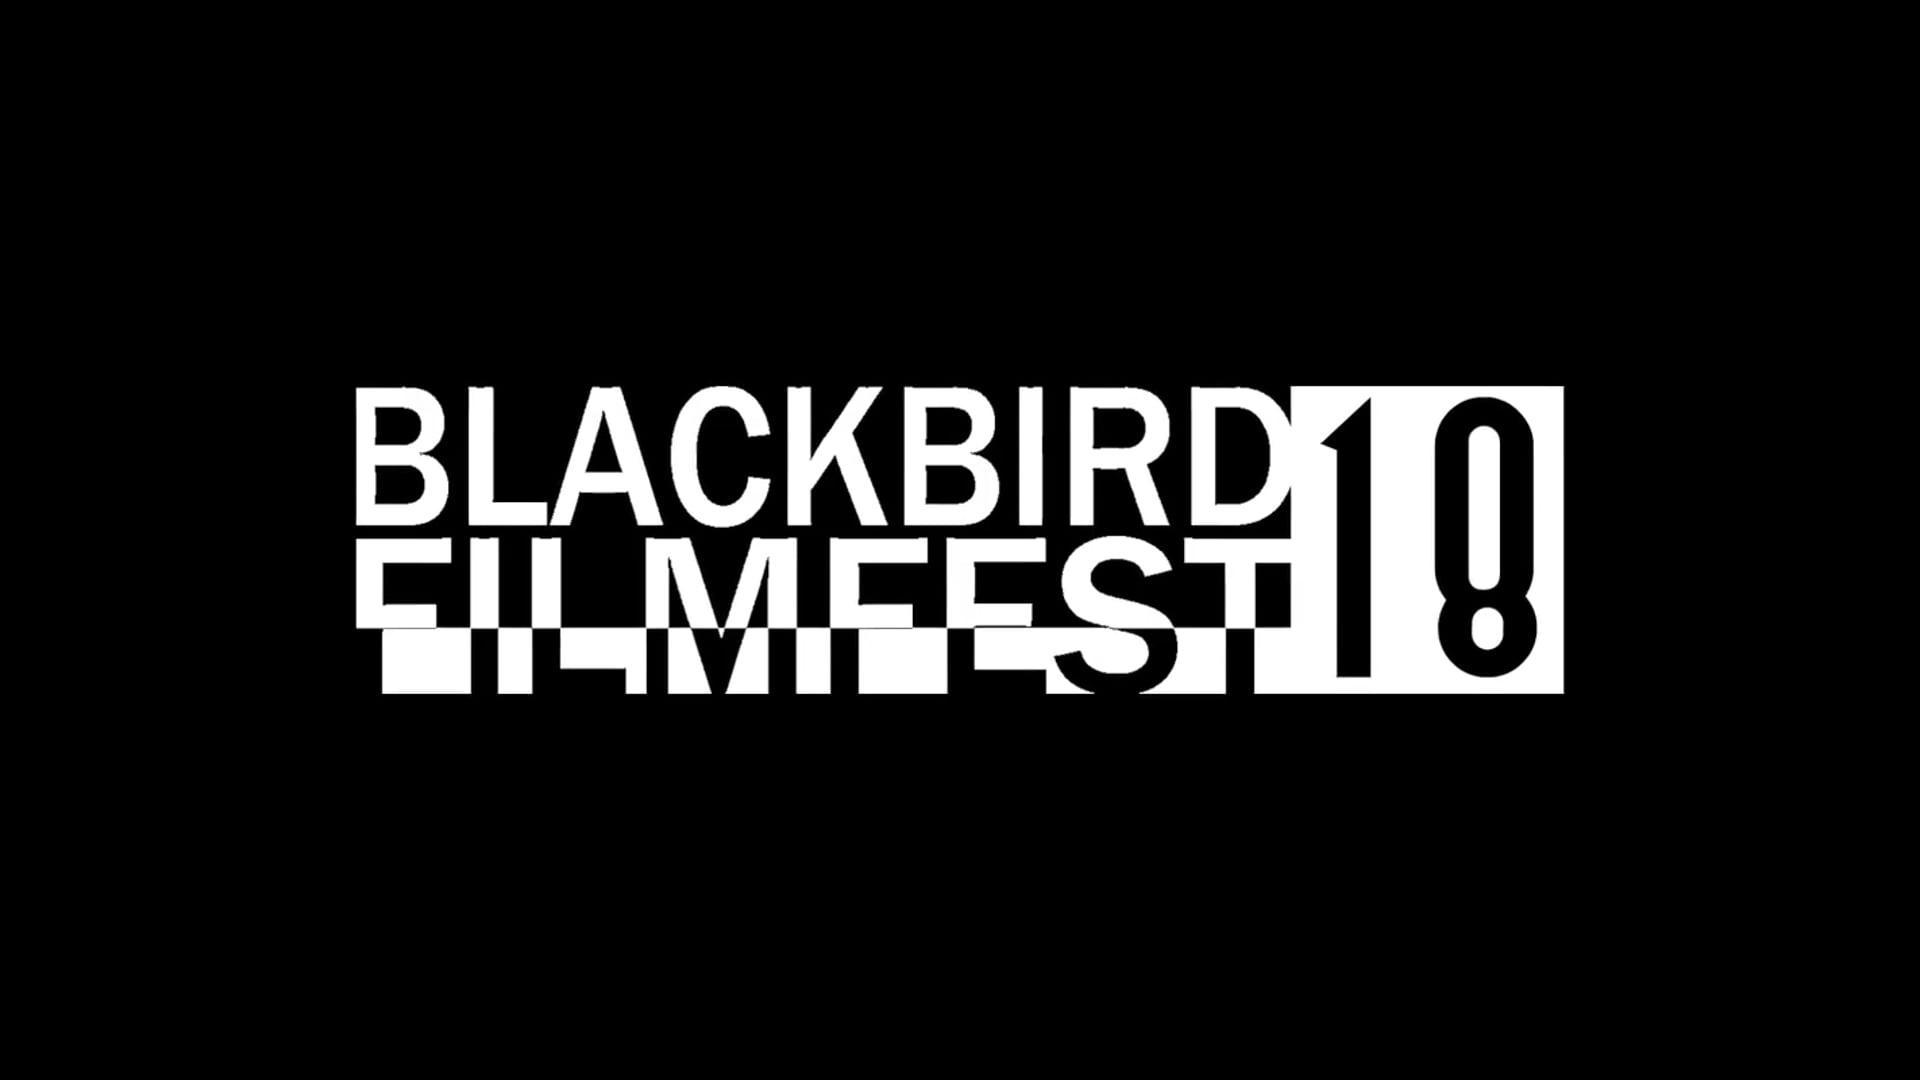 Blackbird Teaser 2018